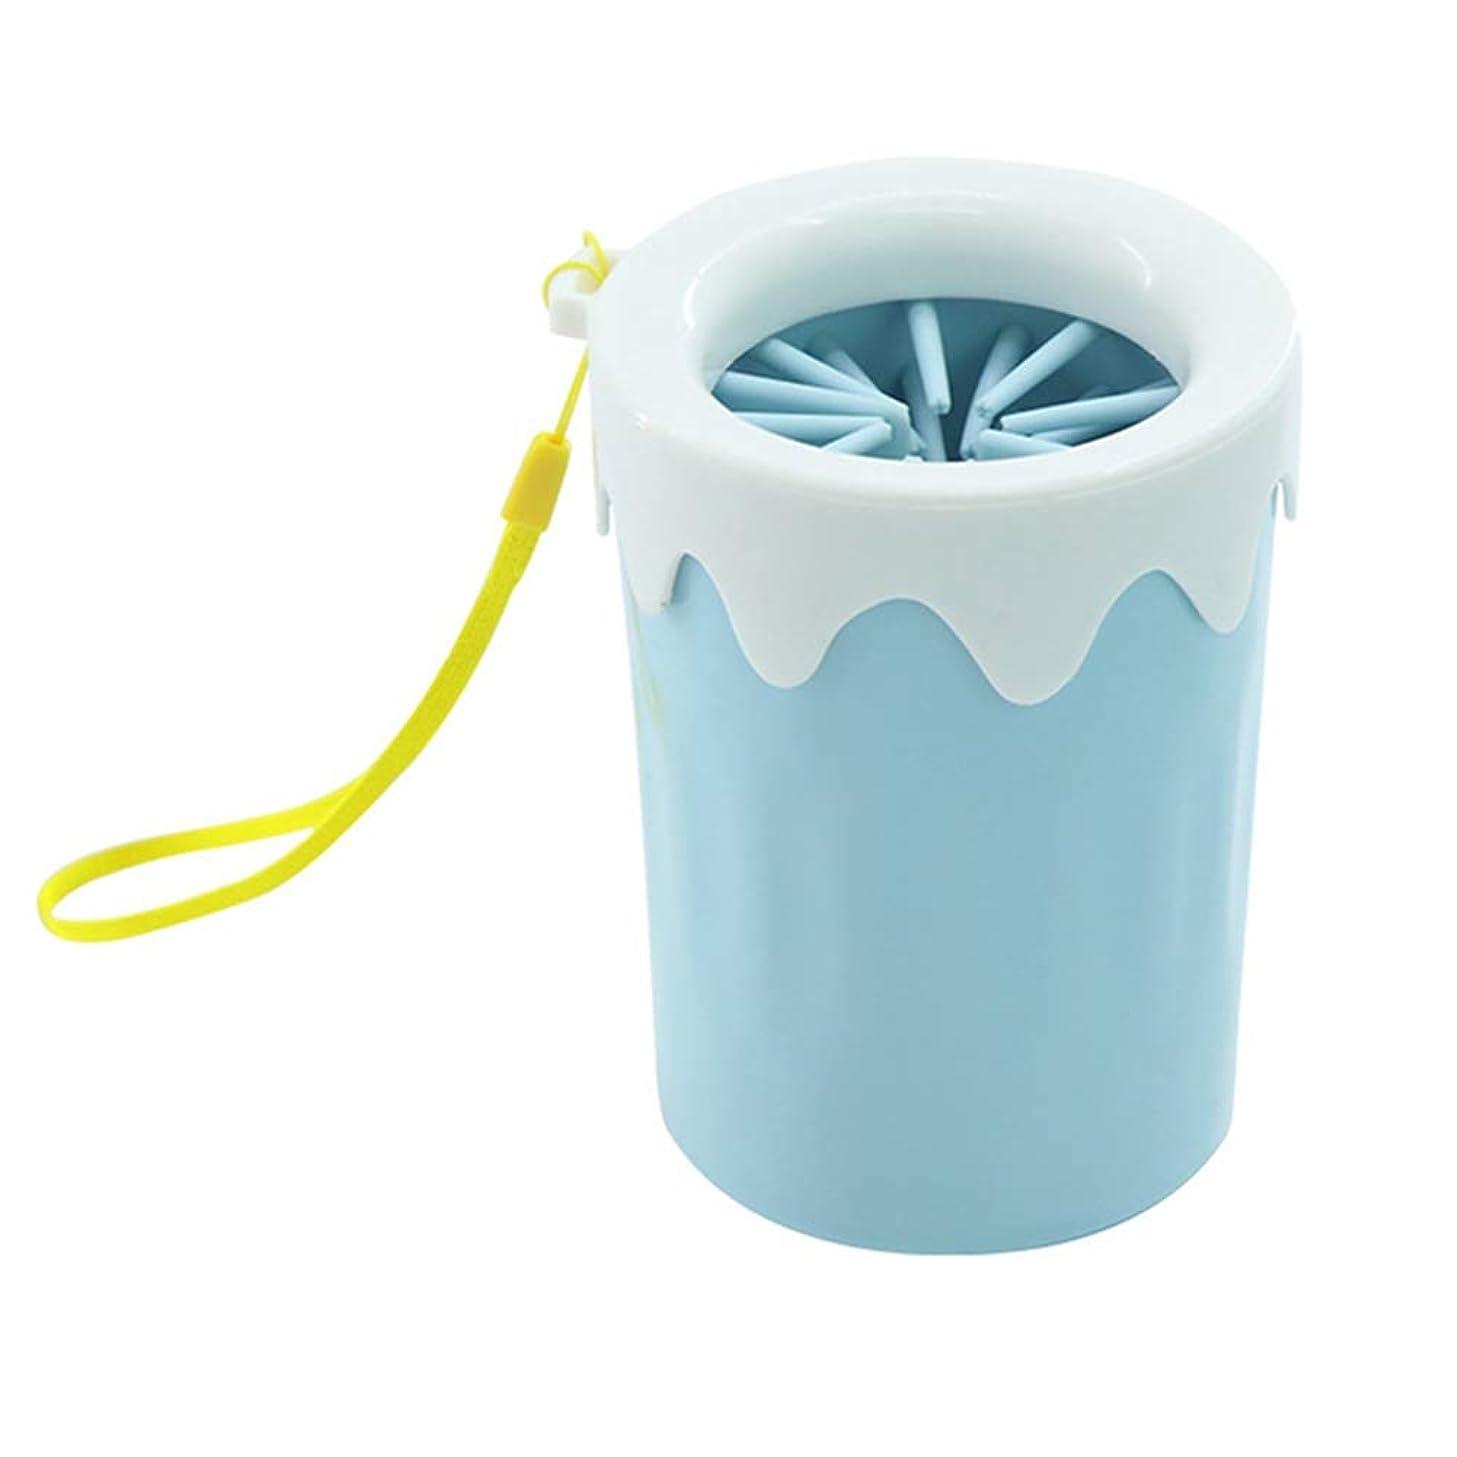 縫うスパイ打ち上げるPlutoury 足洗いカップ 犬 猫 シリコーンブラシ マッサージ効果 水切り可能 使いやすい 省力 省時間 抗菌シリコーン製 携帯便利 洗浄力抜群 柔軟 かわいい(LB)